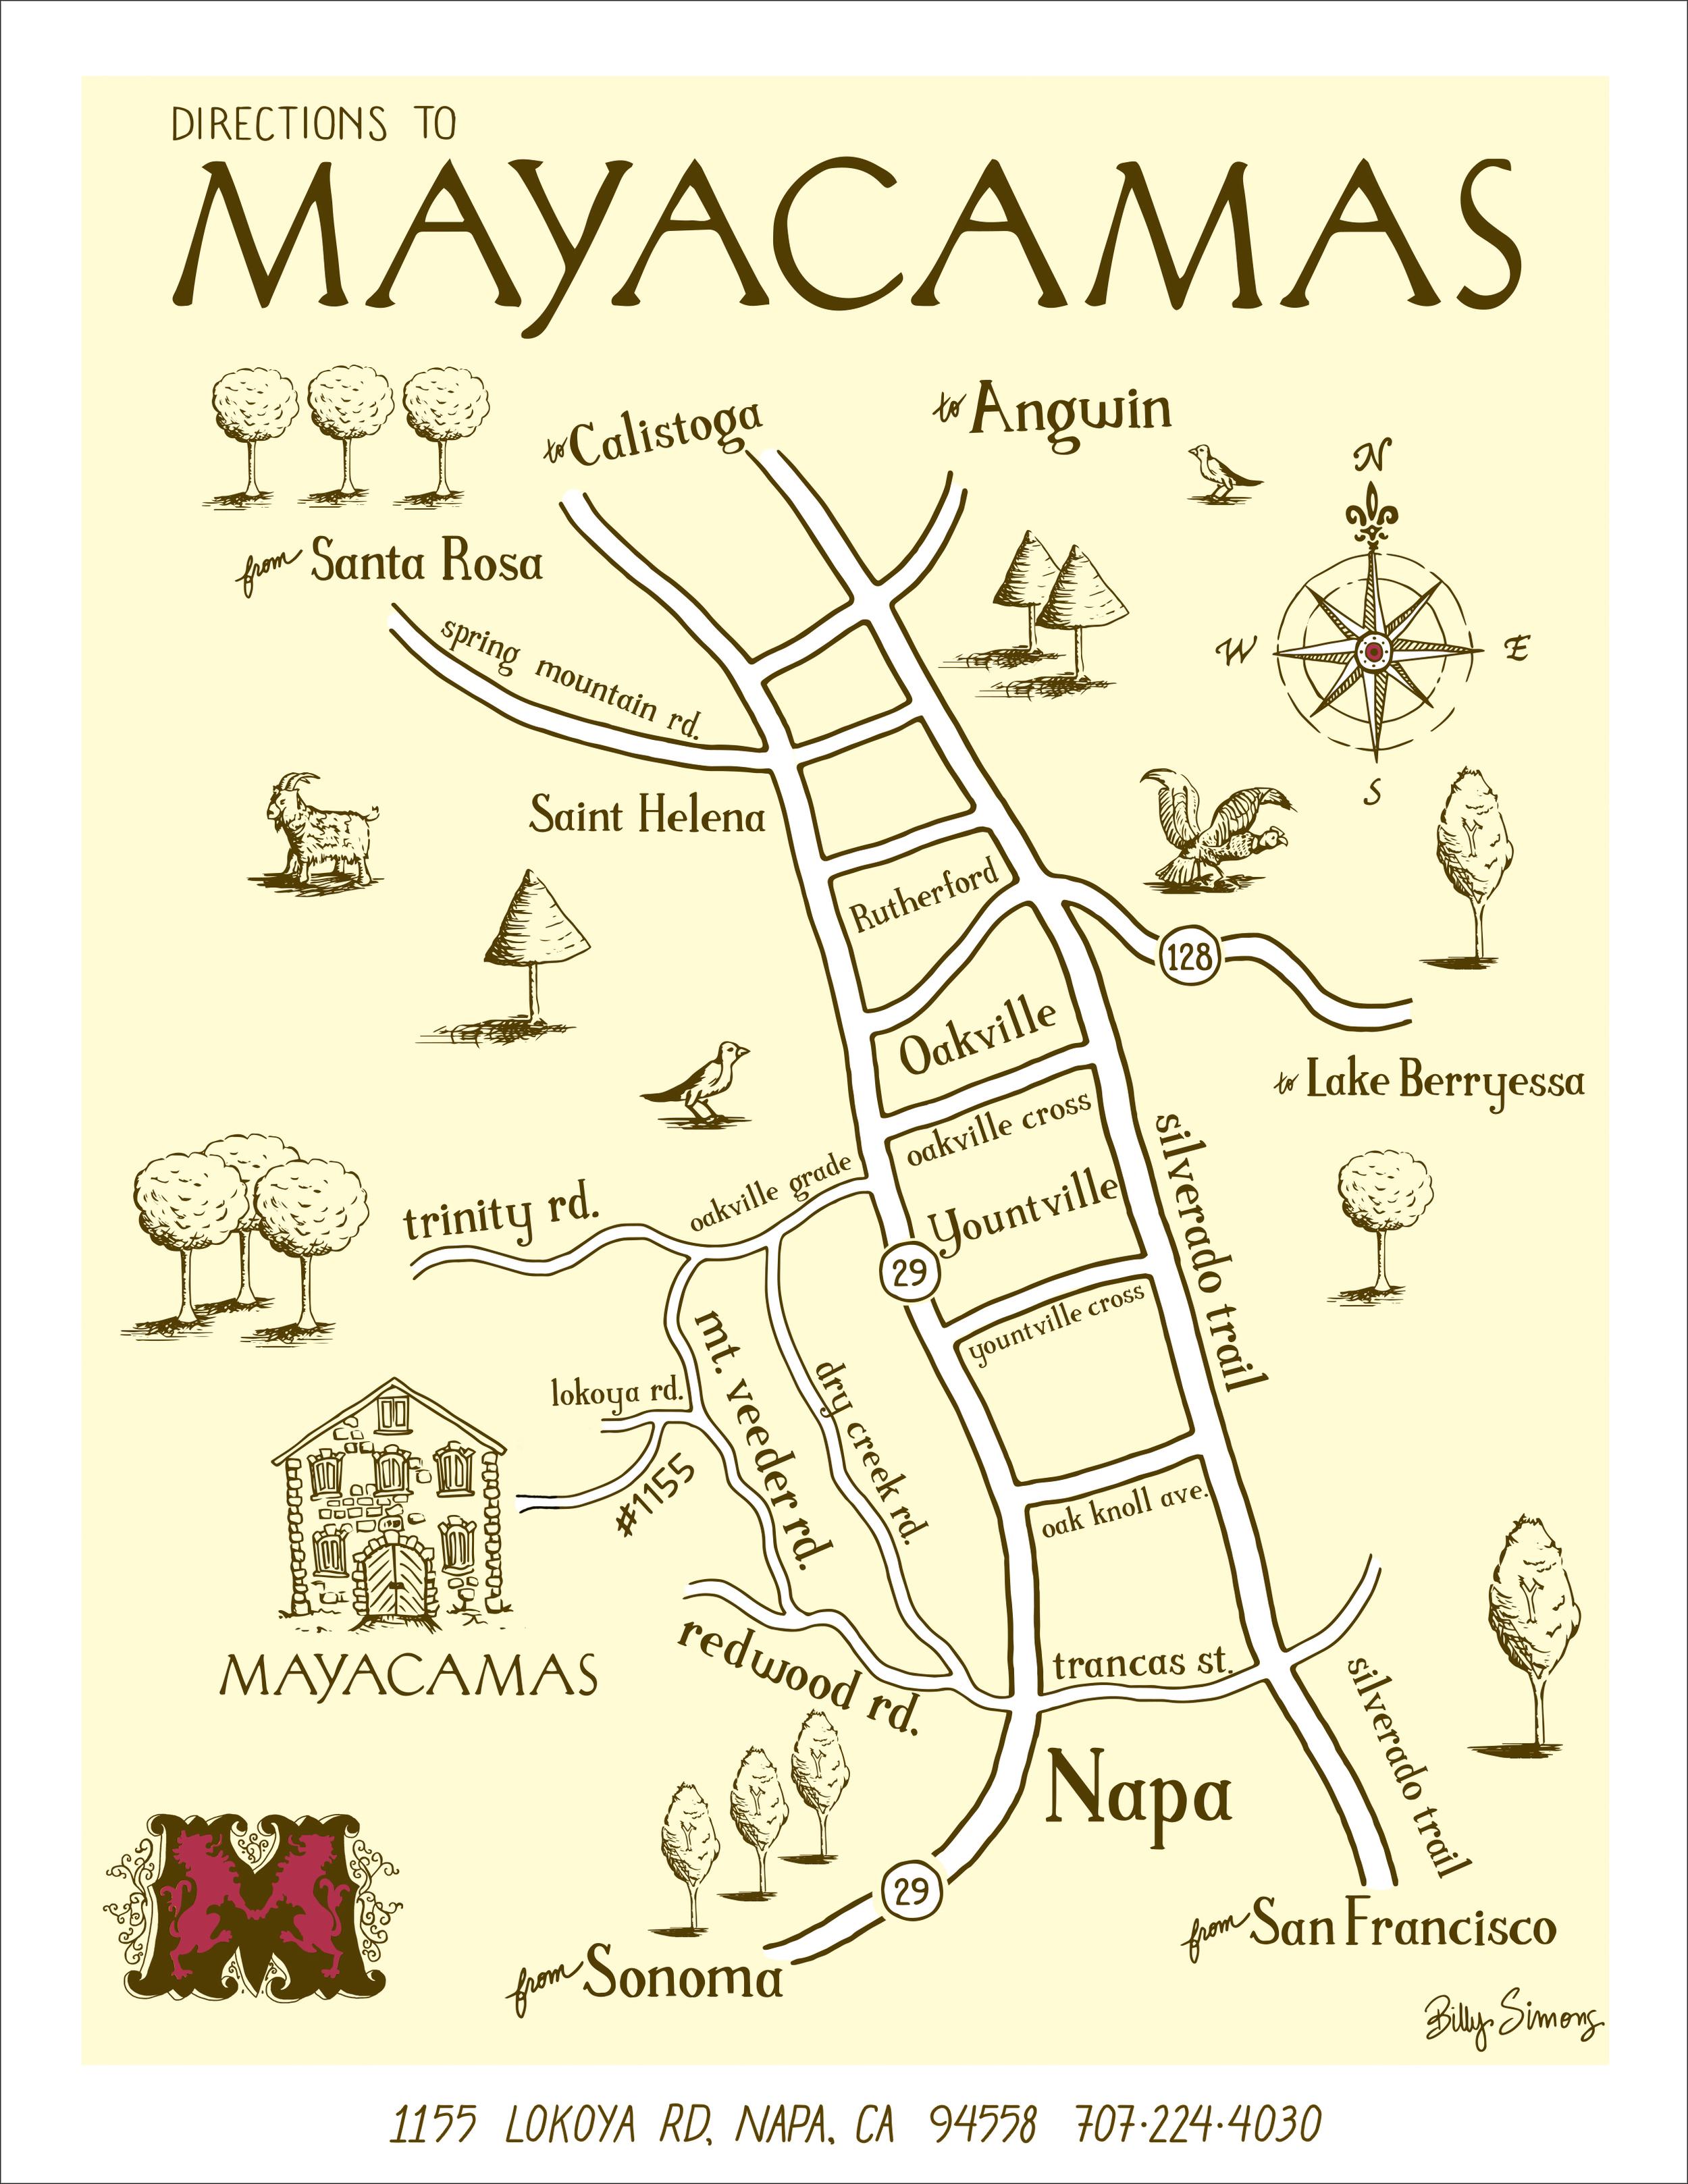 Whimsical driving map for Mayacamas Vineyard & Winery